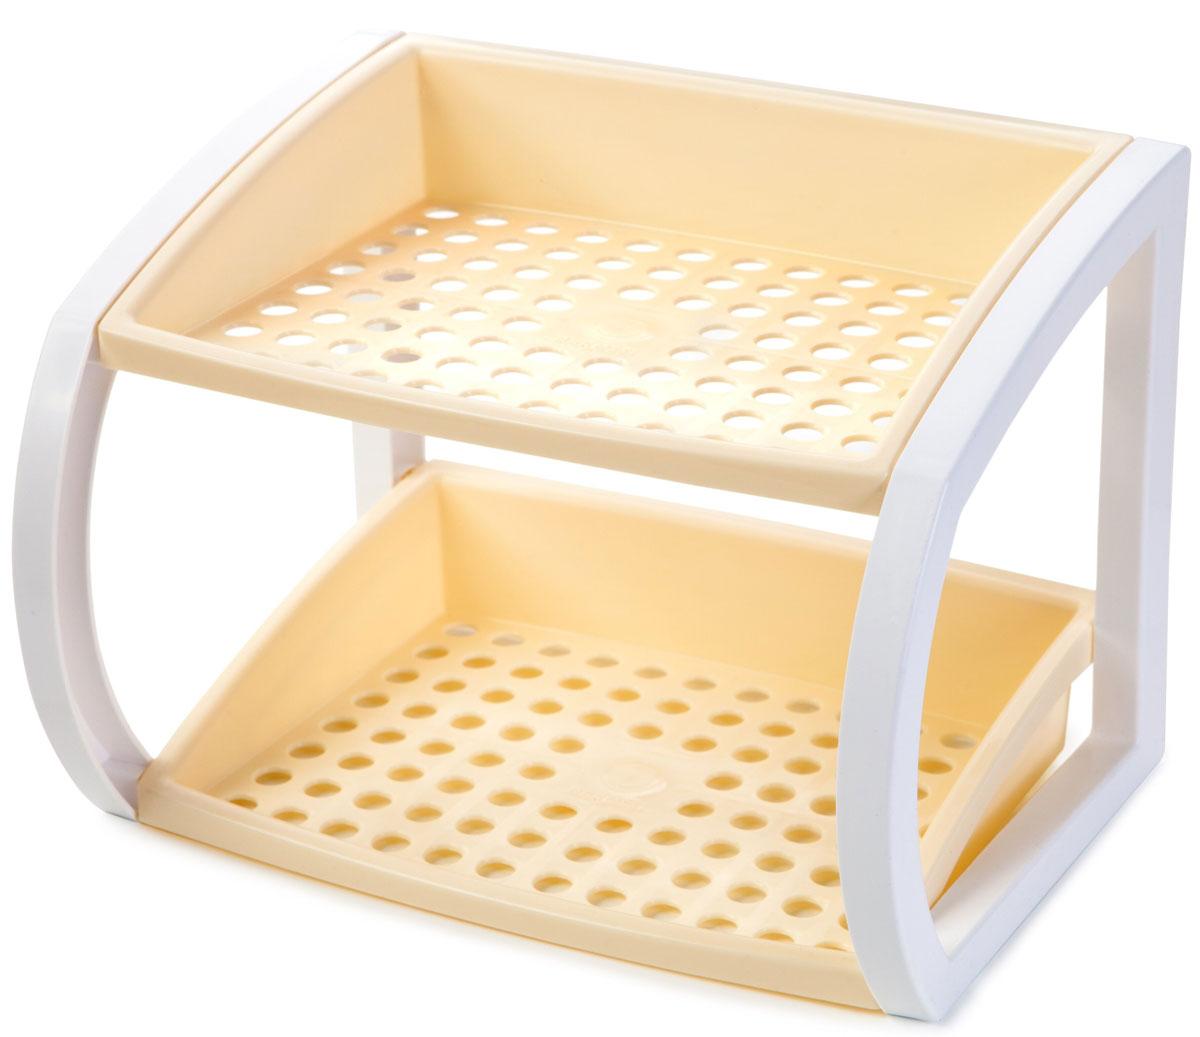 Подставка настольная Berossi Hokky, разборная, цвет: слоновая кость, 24,7 х 18,3 х 18 смИК 17533000Универсальная настольная подставка Hokky выполнена прочного пластика. Она легко собирается и имеет очень широкую сферу применения:в ванной - для хранения косметических принадлежностей; на кухне - можно поставить подставку для специй, сахарницу, емкость с печеньем; в прихожей - использовать под средства для ухода за обувью и сложенные зонты; возле столика для новорожденного - удобно разместить под рукой все детские кремы, присыпки, бутылочки и соски; для хранения канцелярских принадлежностей в любом удобном месте.